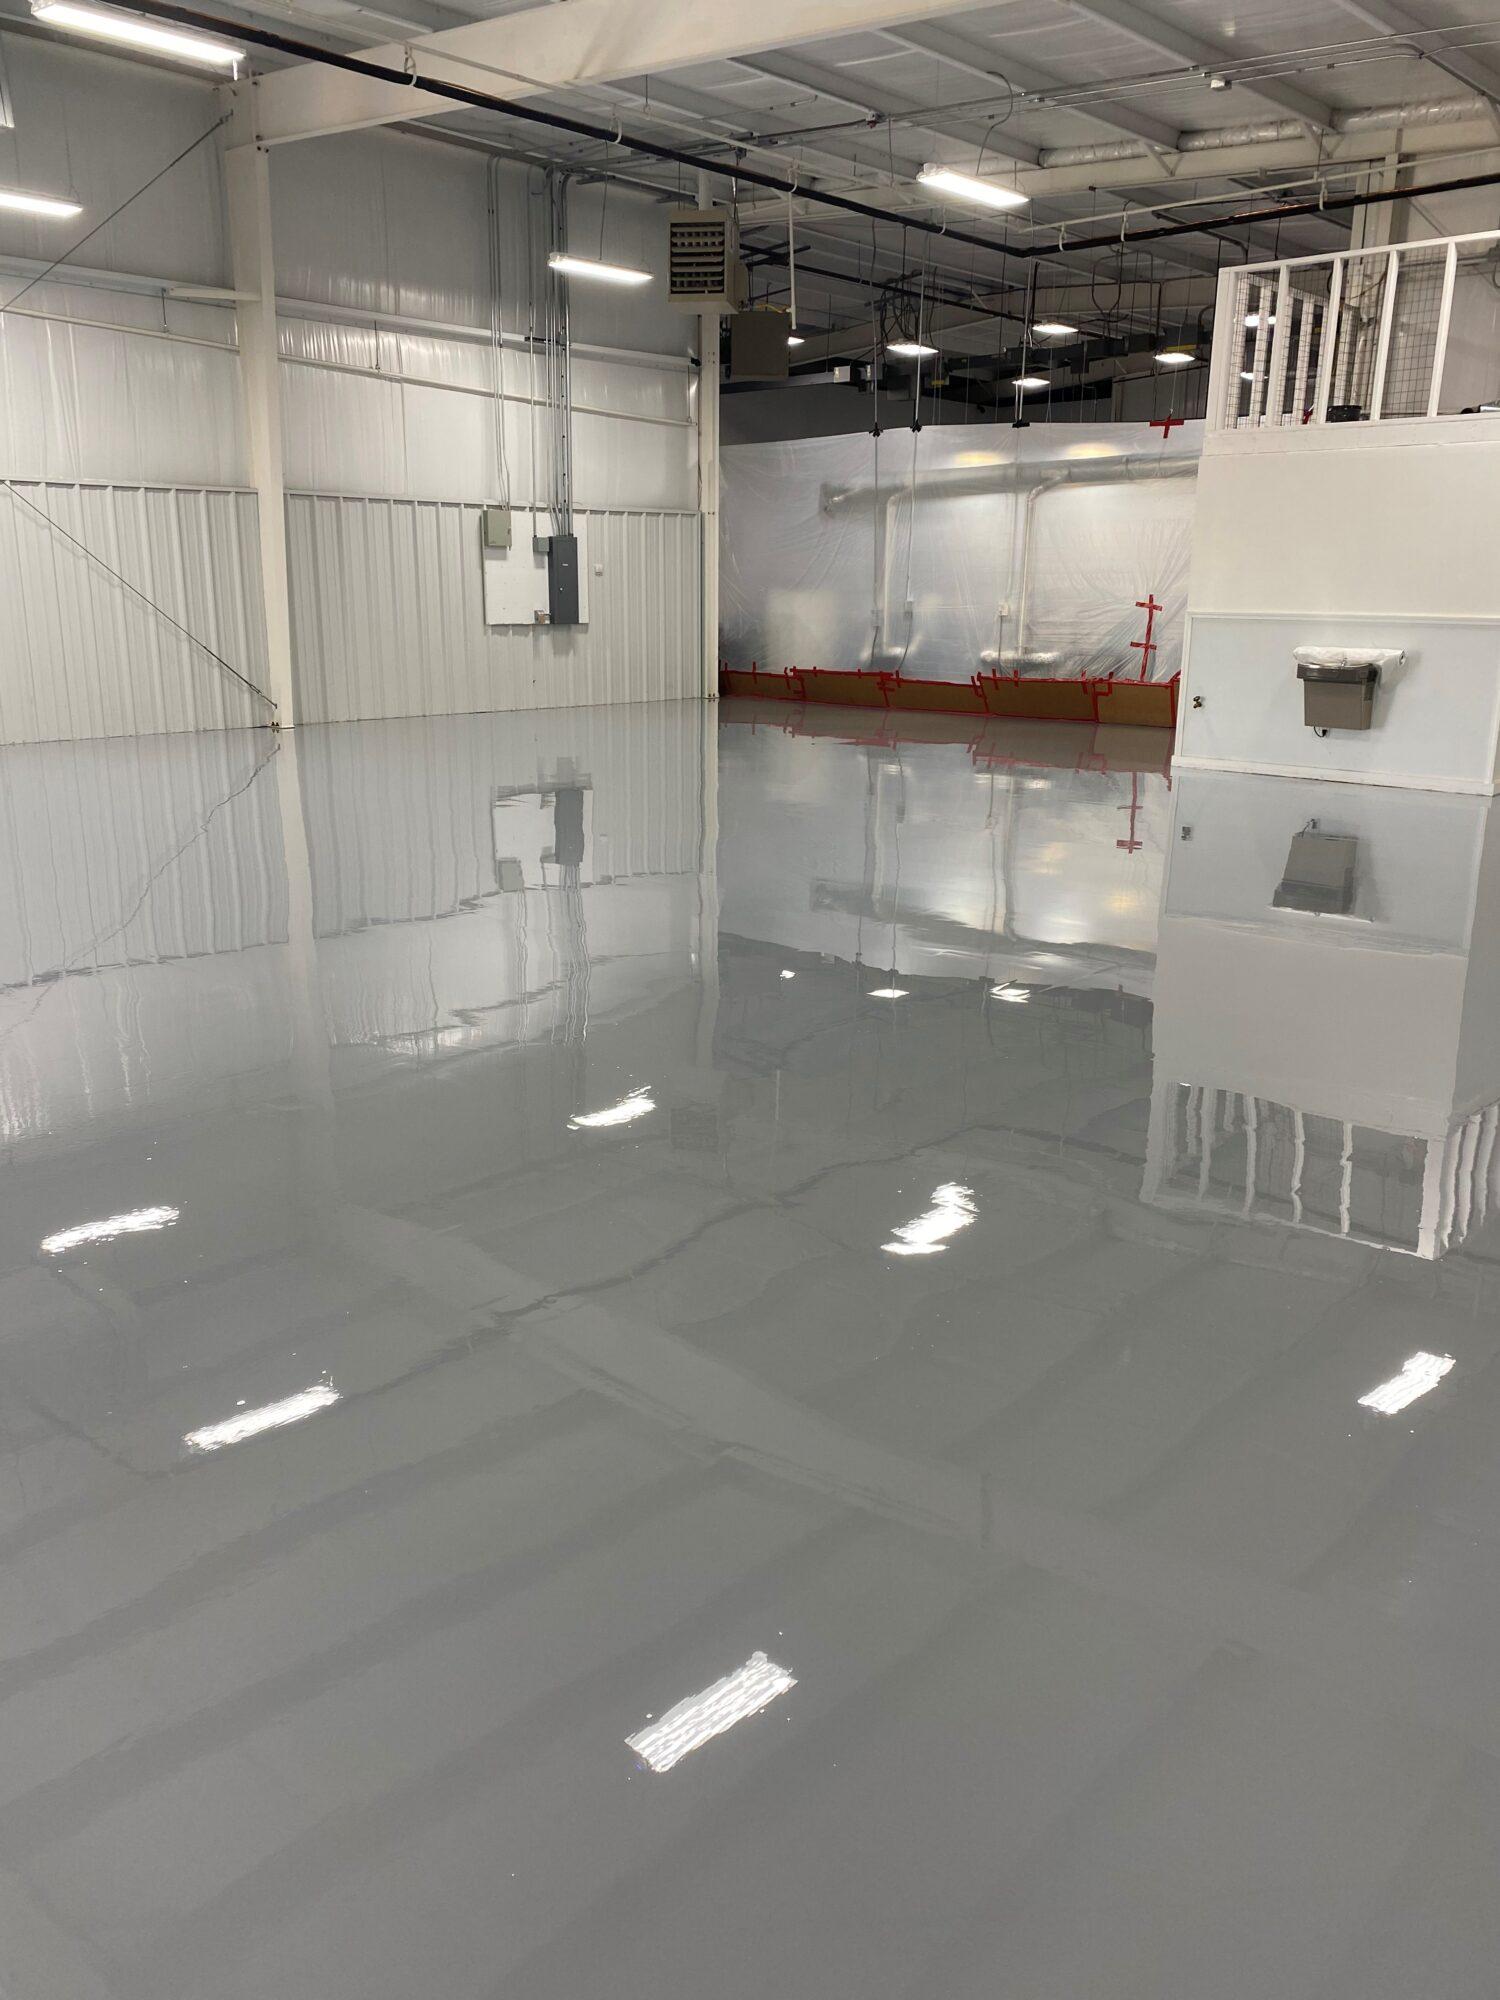 concrete floor coatings;  epoxy floor coating; industrial concrete flooring; Industrial Applications, Inc.; epoxy coatings; Team IA